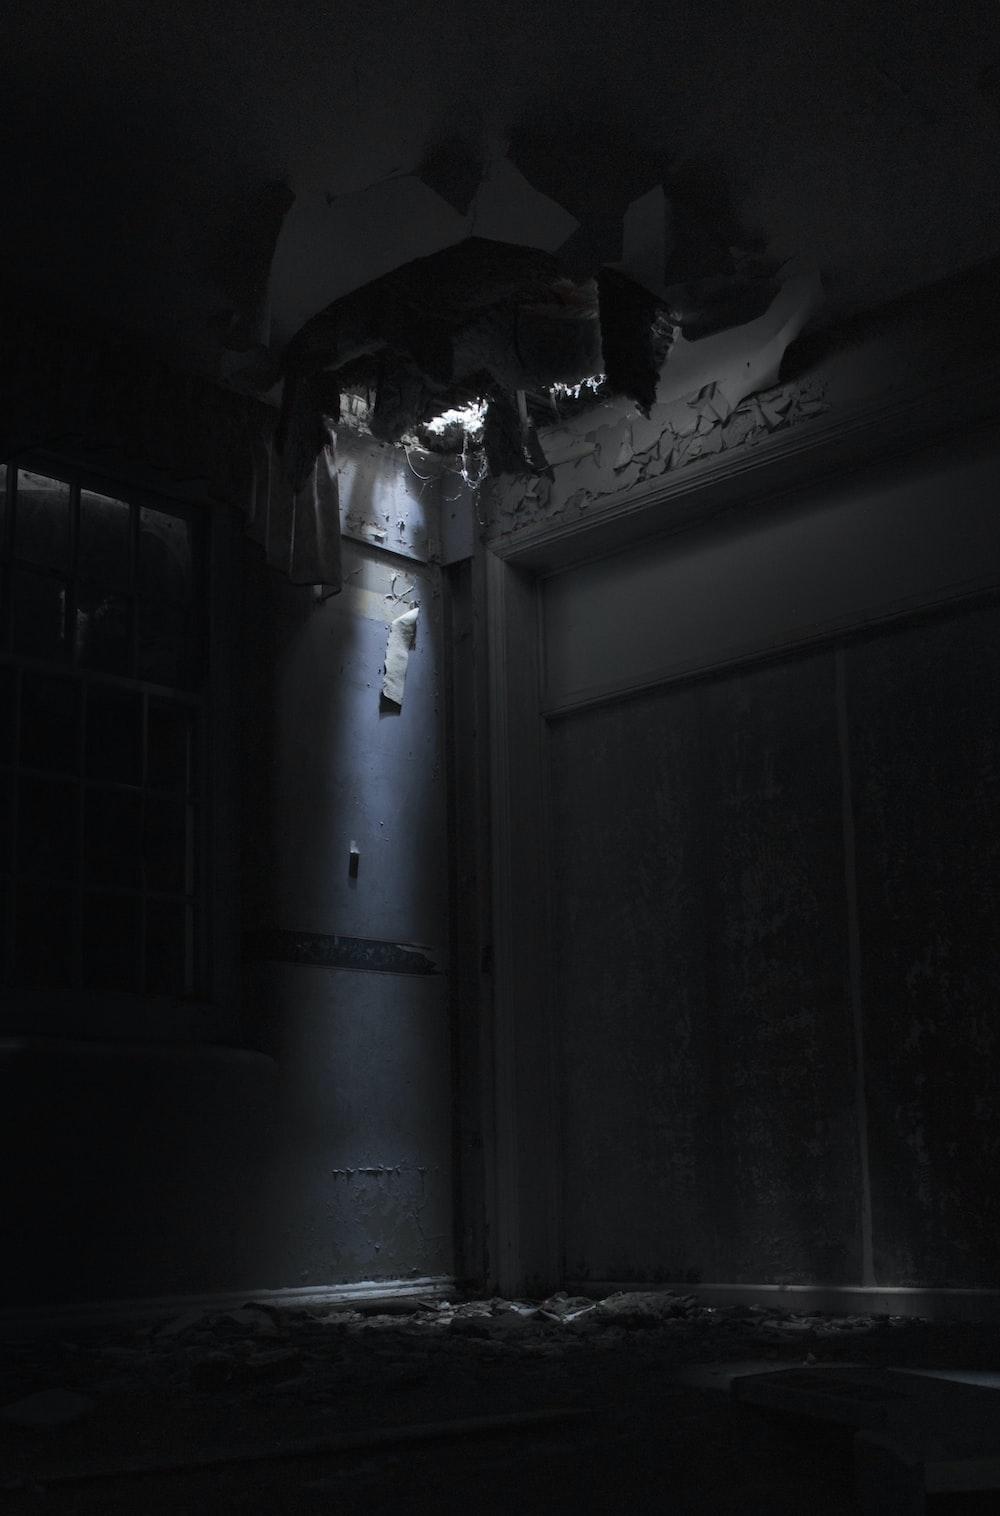 white wooden door with stainless steel door lever